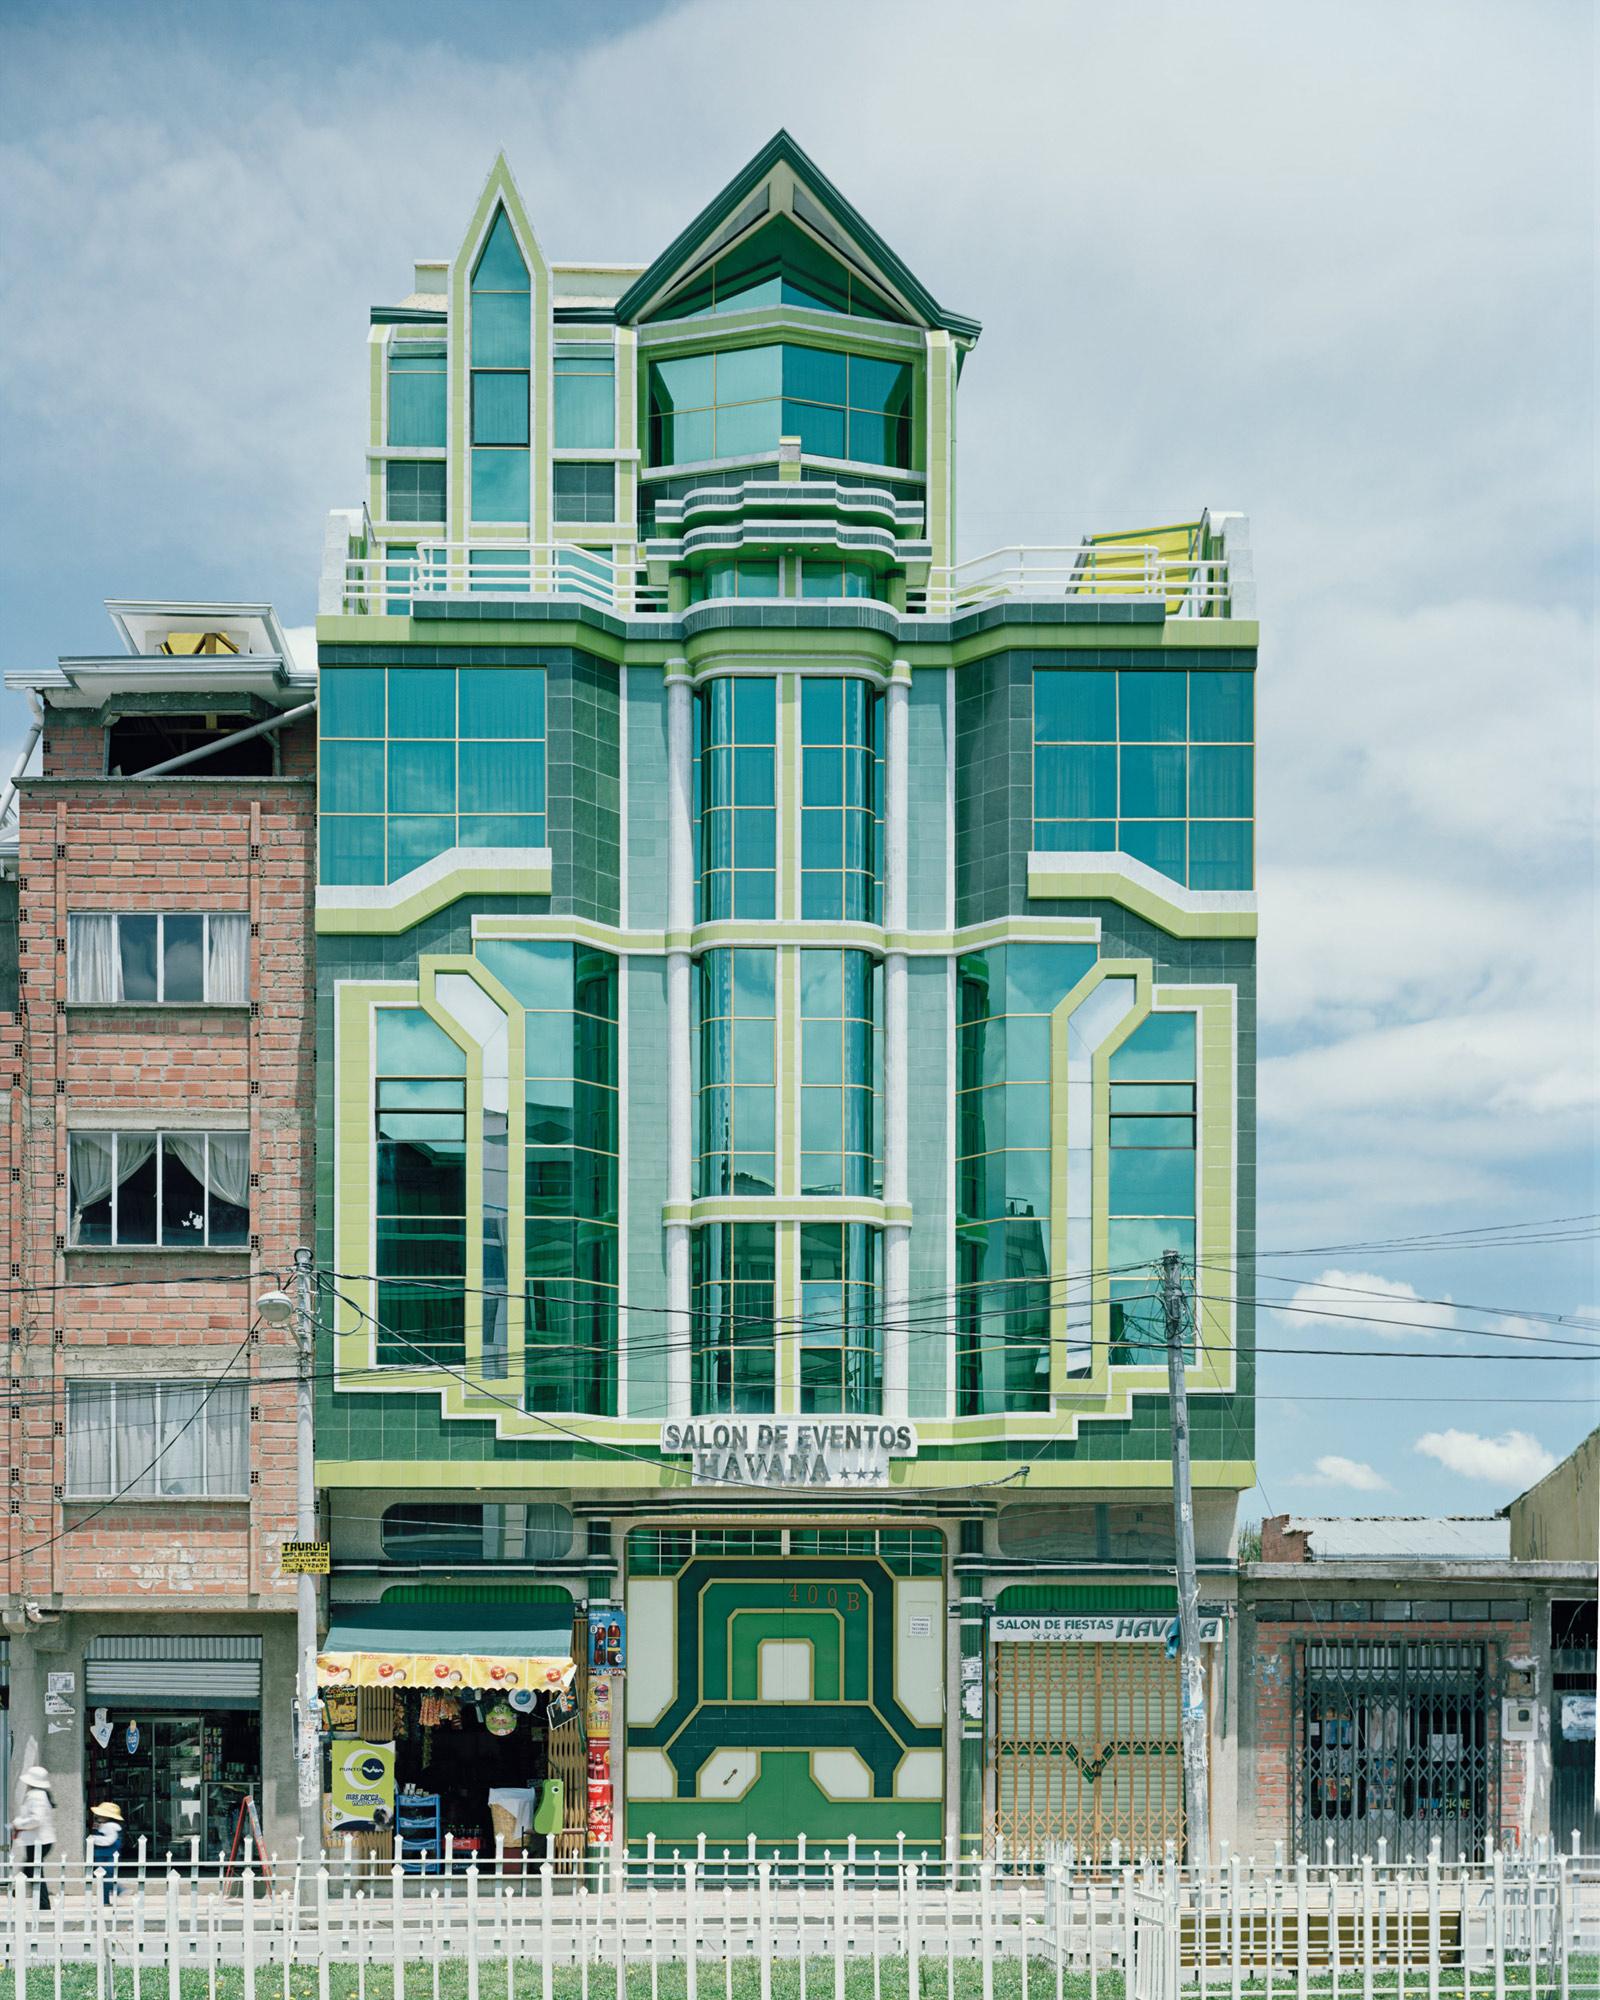 Salon de Eventos Havana